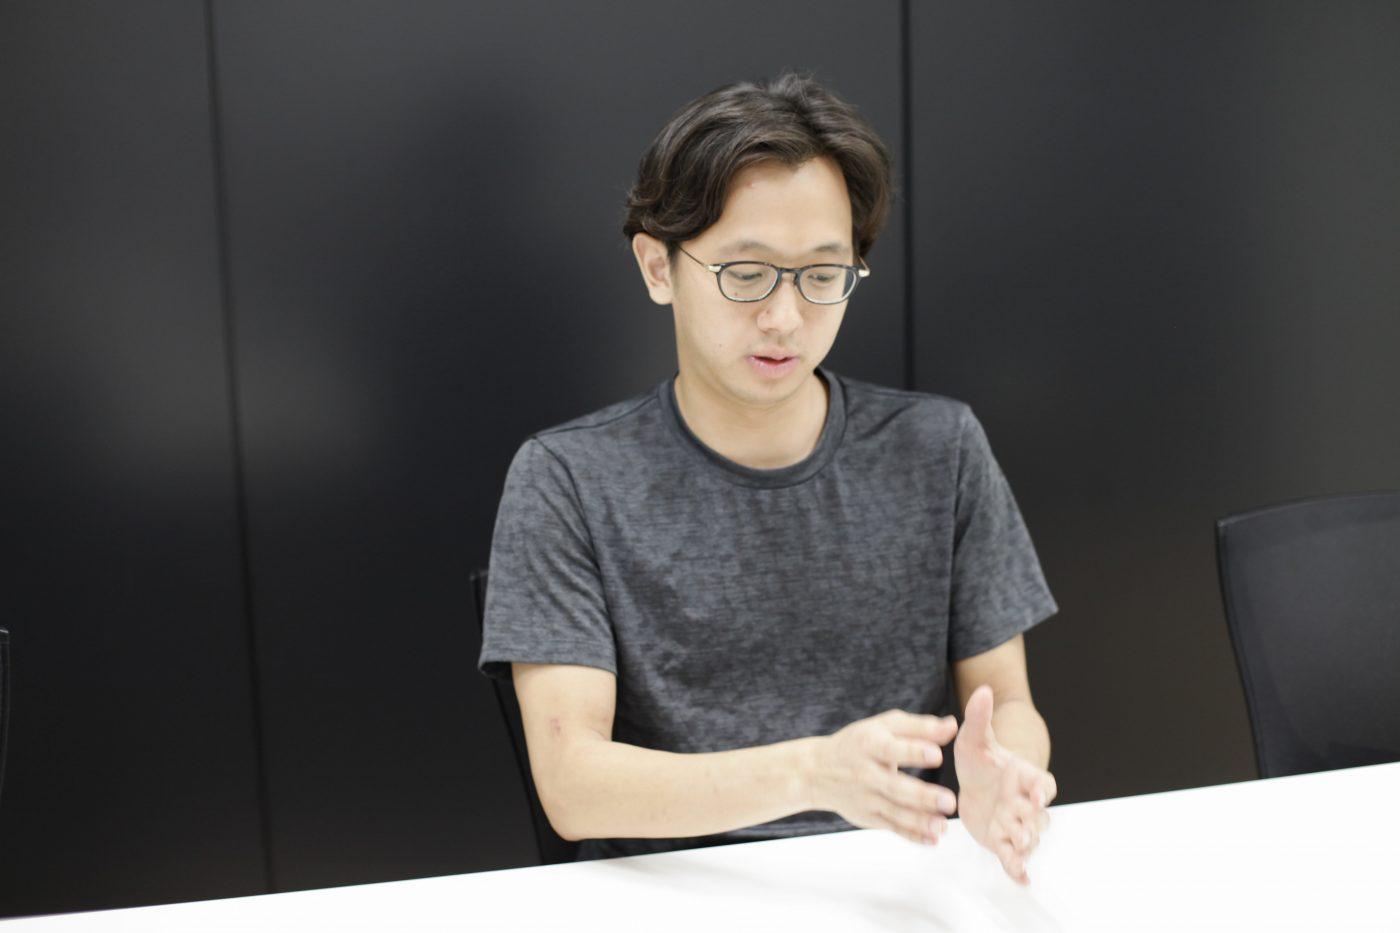 振り返ると、Azitの創業は2013年。吉兼氏が大学3年生の頃だ。ところが、現在のチームとして動いた最初の経験は大学1年生の頃まで遡る。きっかけは、大学の友人に誘われて出場したビジネスコンテストだった。